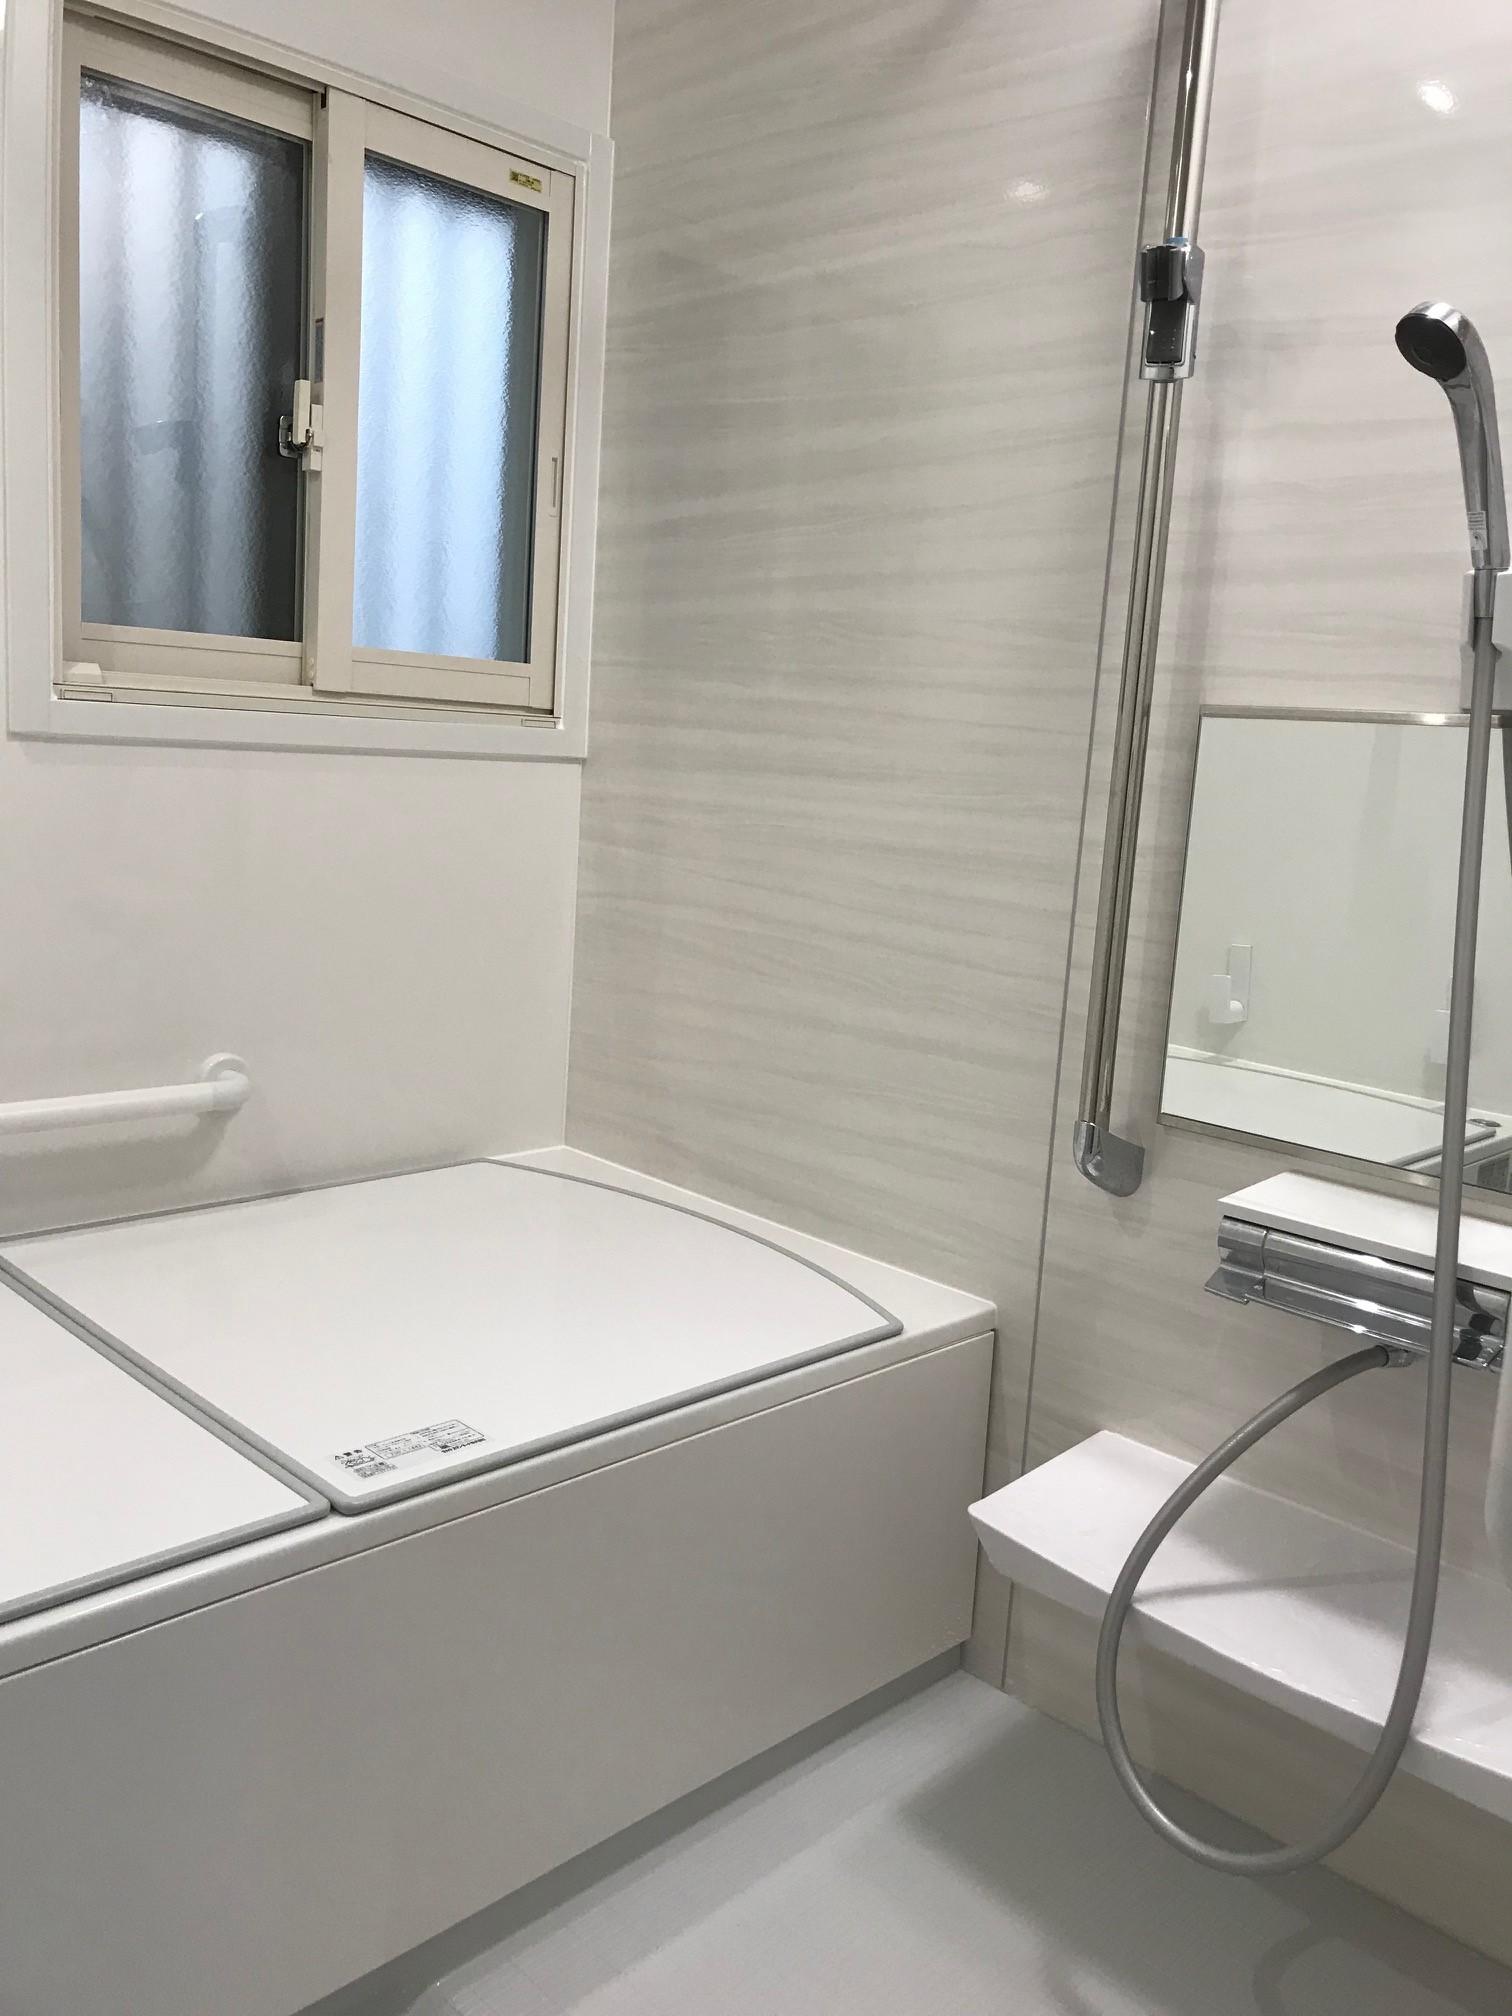 浴室 施工後(内窓を取付け断熱効果も!!タカラスタンダードのシステムバスへ♪)